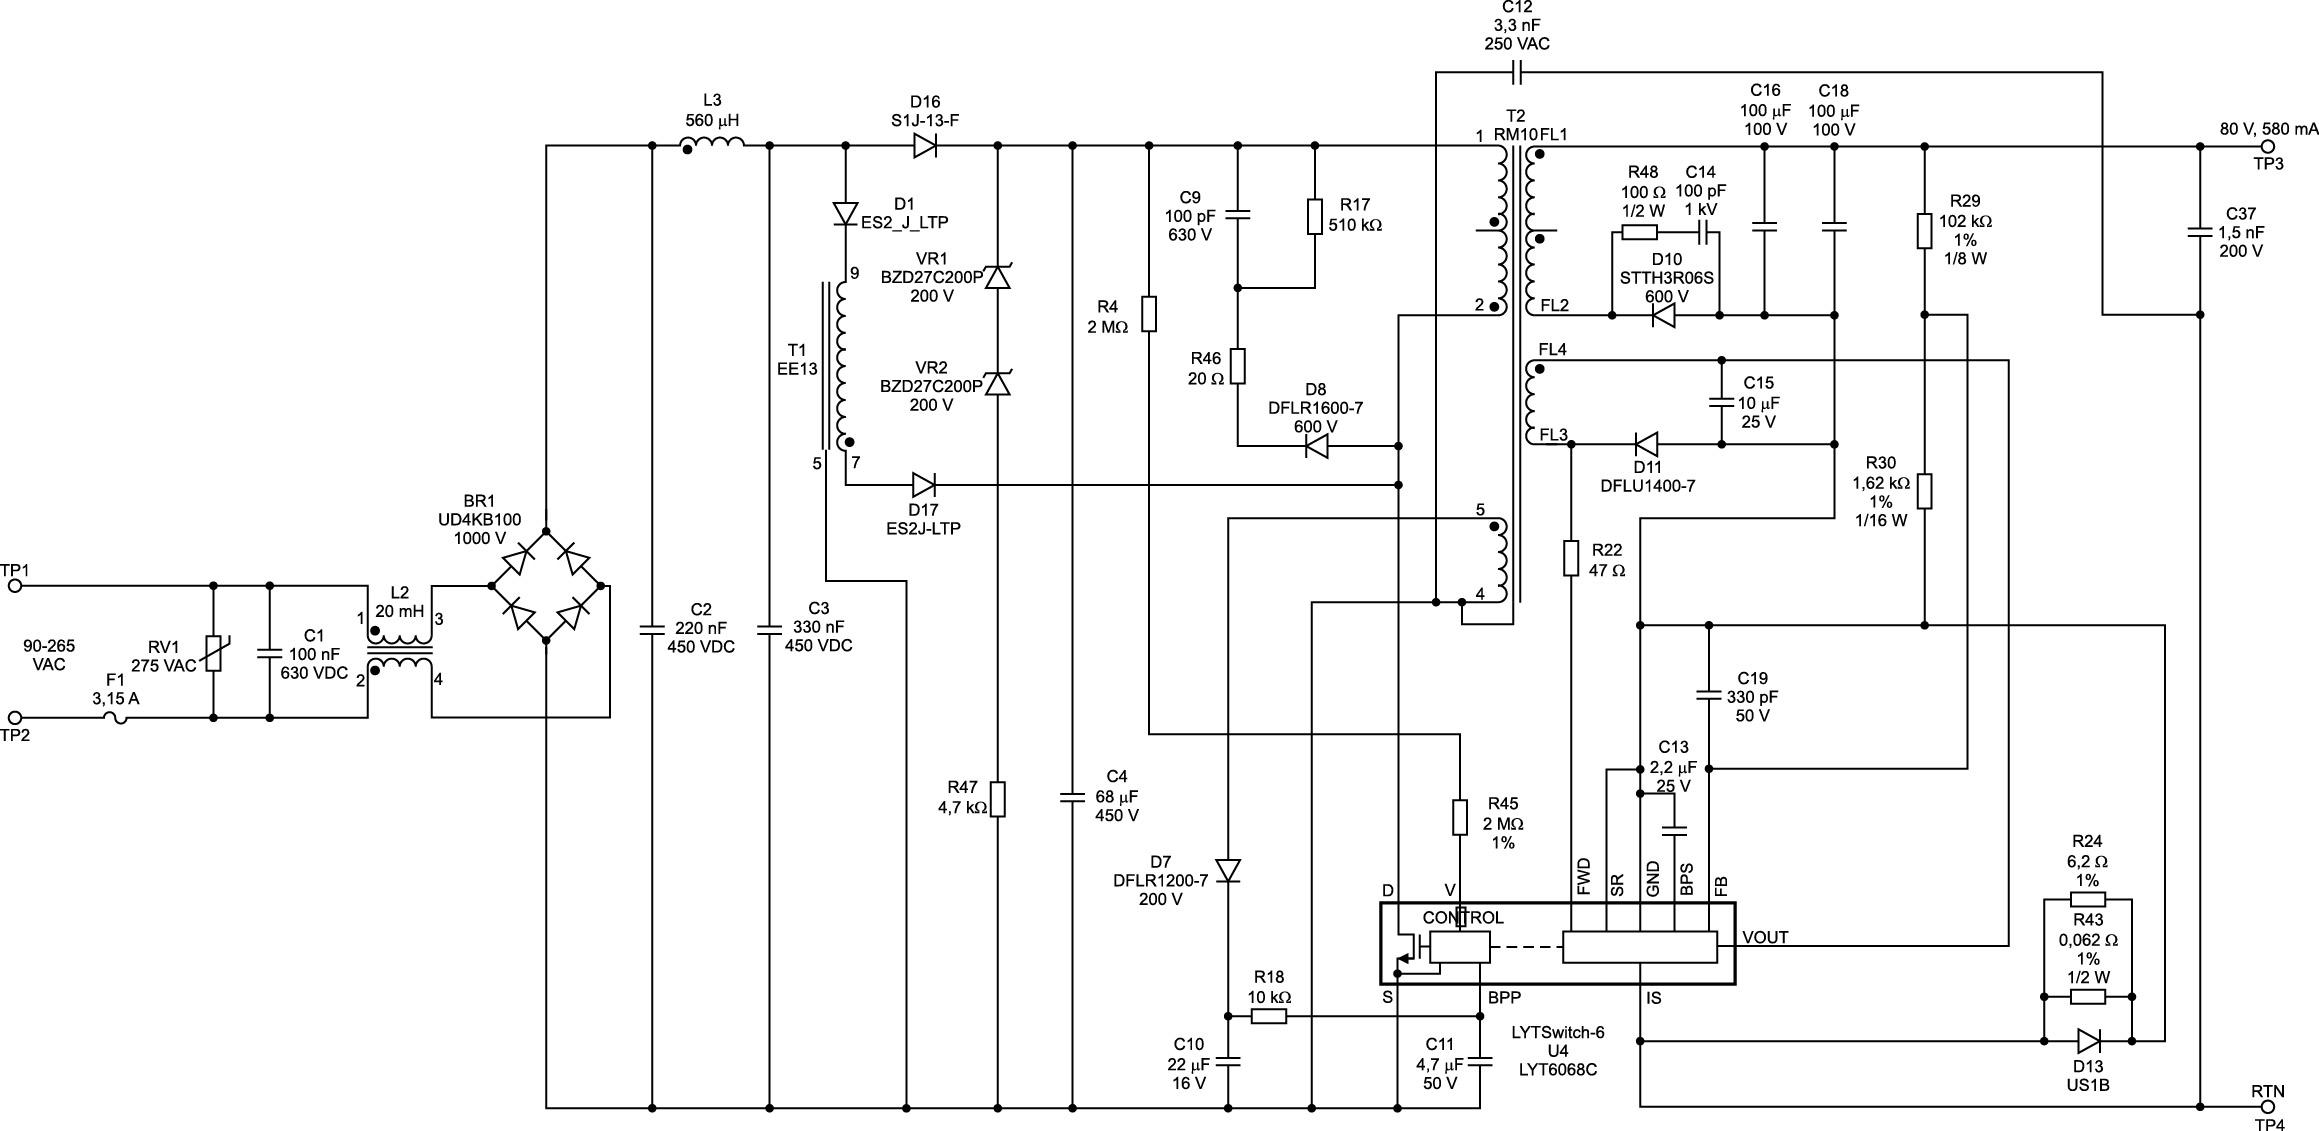 Драйвер светодиодов DER-657 на базе LYTSwitch-6 LYT6068C.  Схема электрическая принципиальная [8]